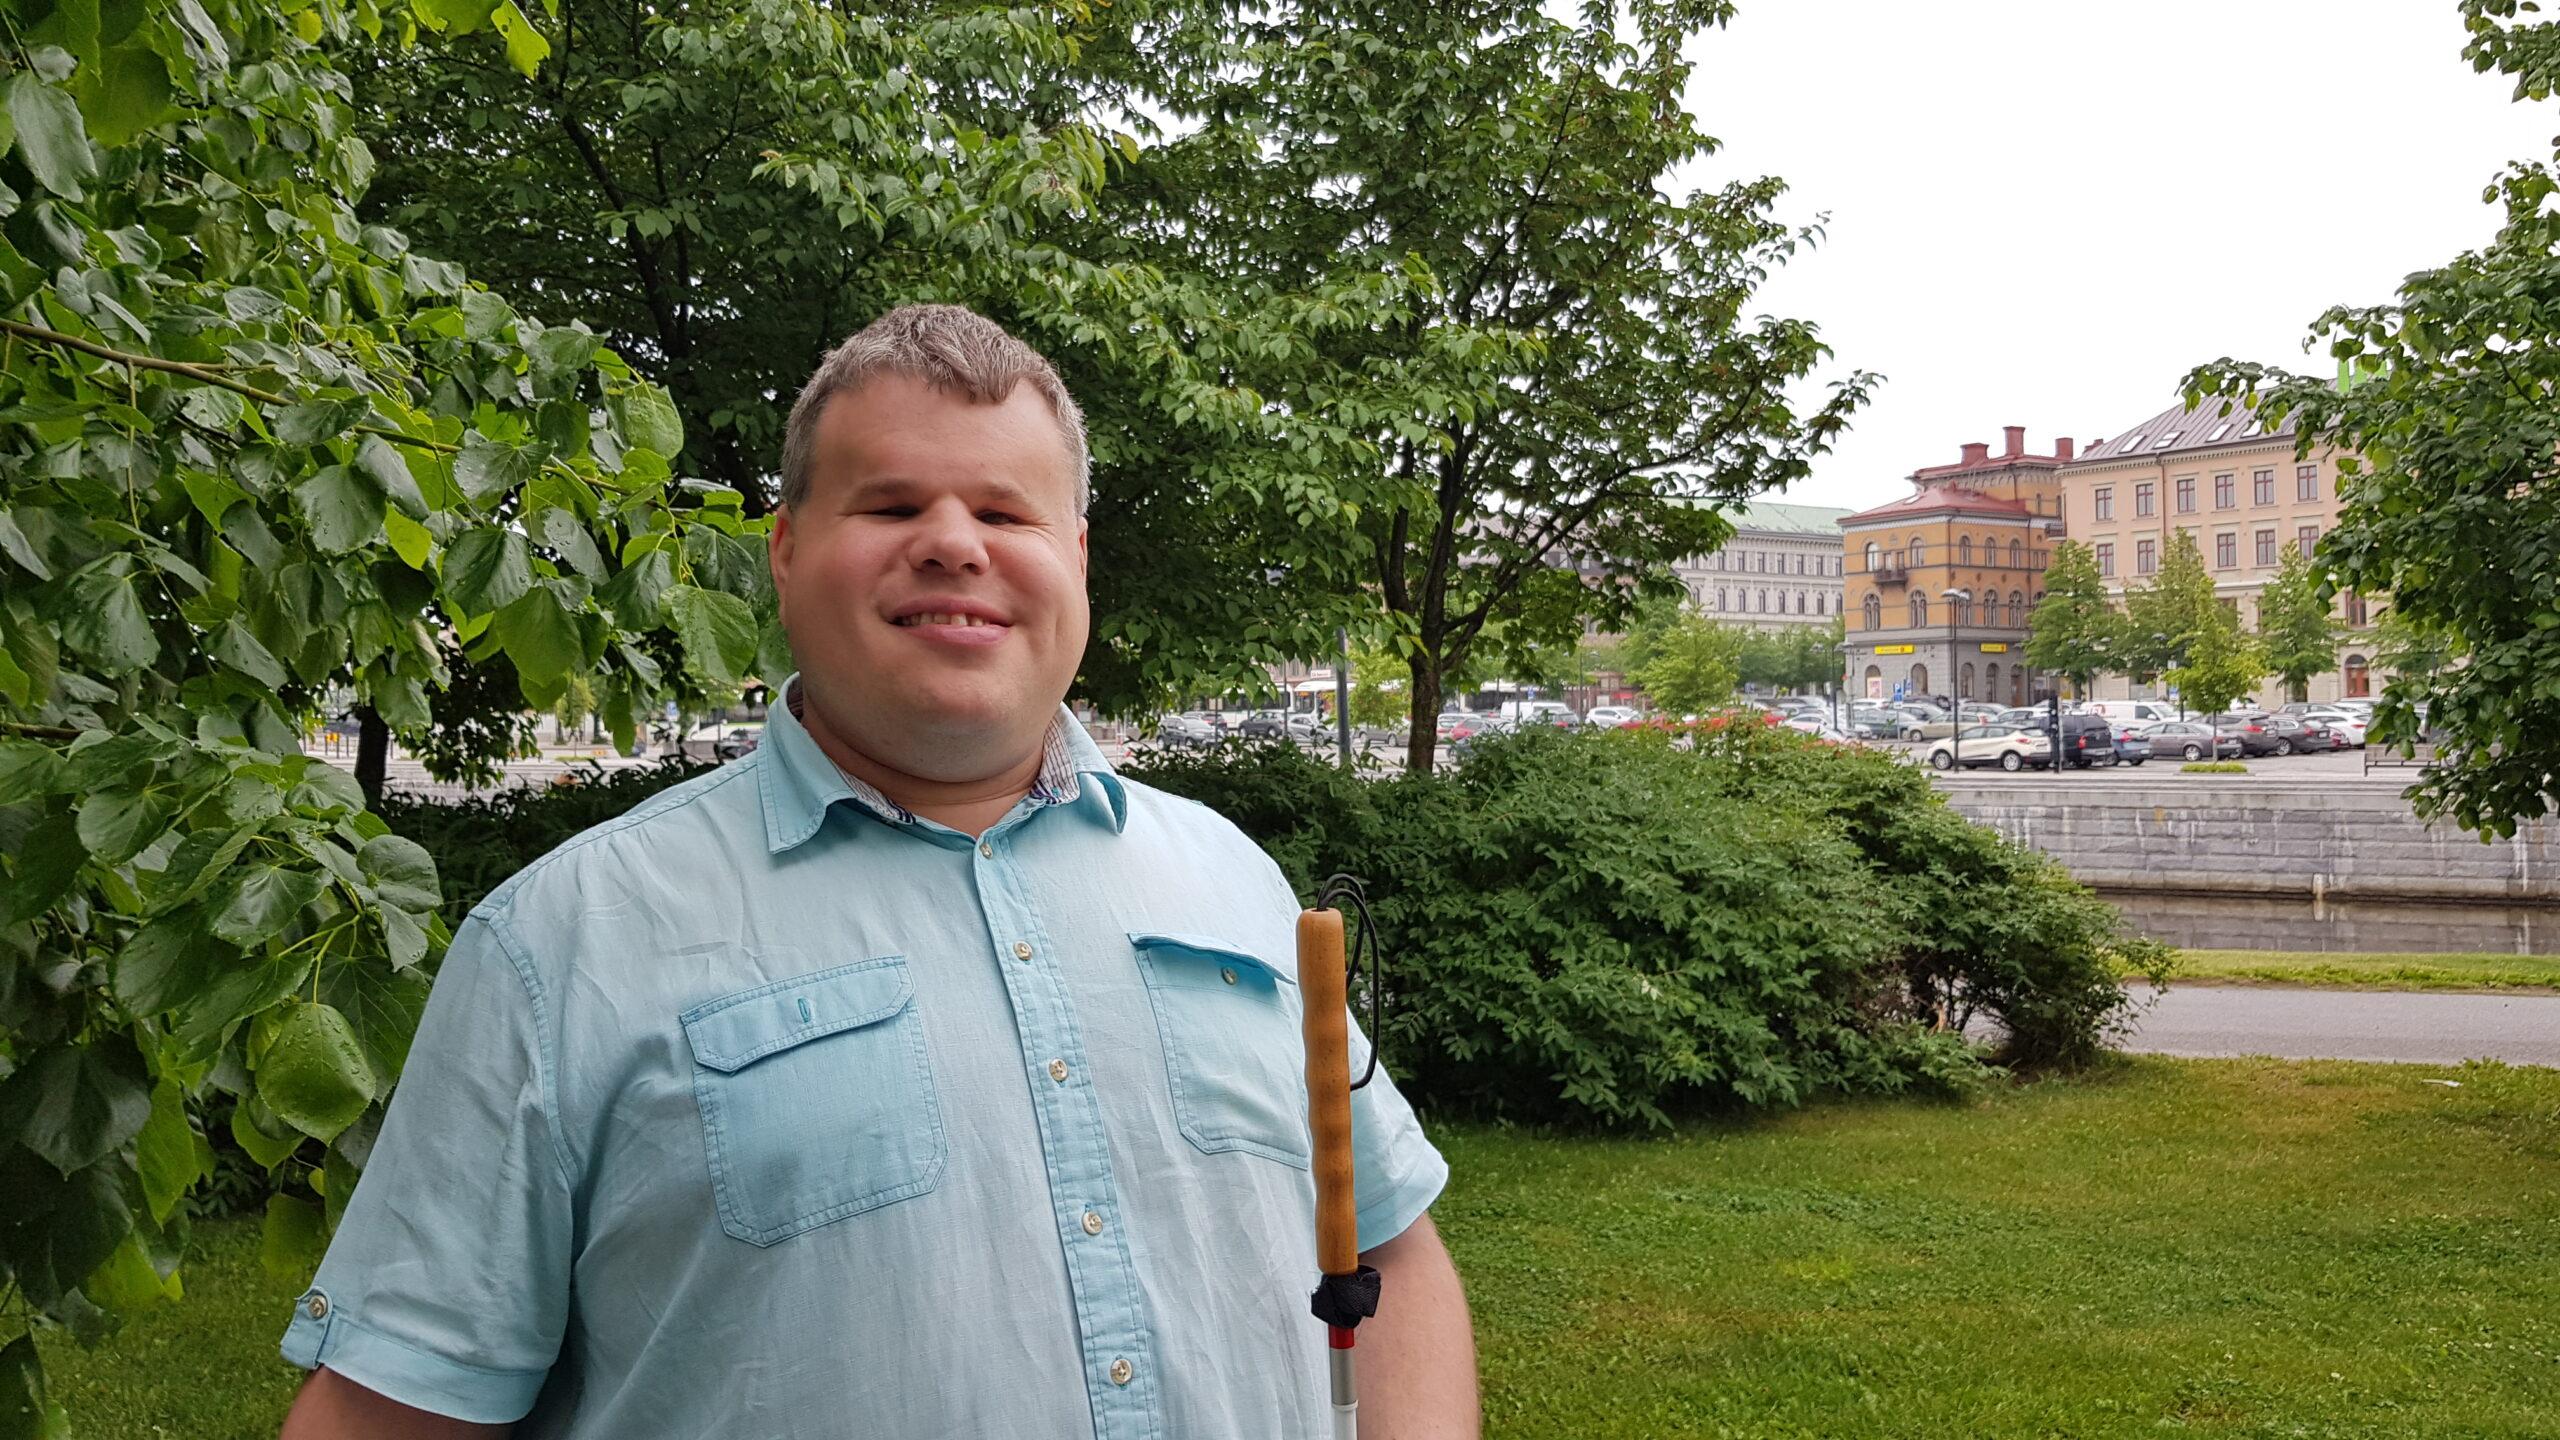 Peter står utomhus i grönskan med Selångersån i bakgrunden. Peter bär en ljusblå skjorta och håller vita käppen i ena handen